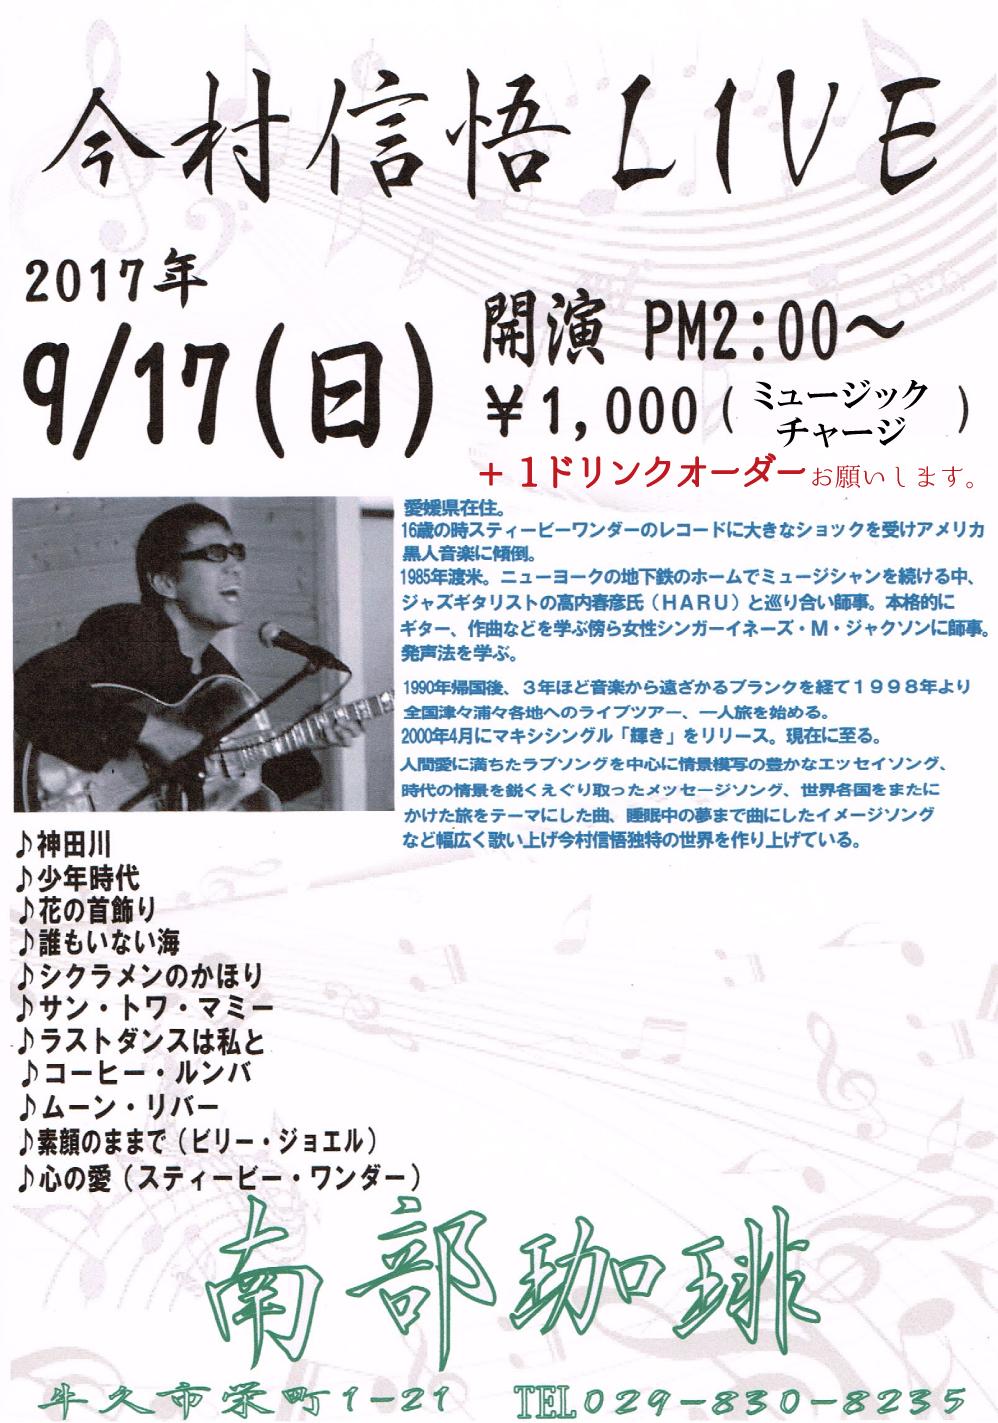 2017年9月17日(日)今村信悟さんライブ開催